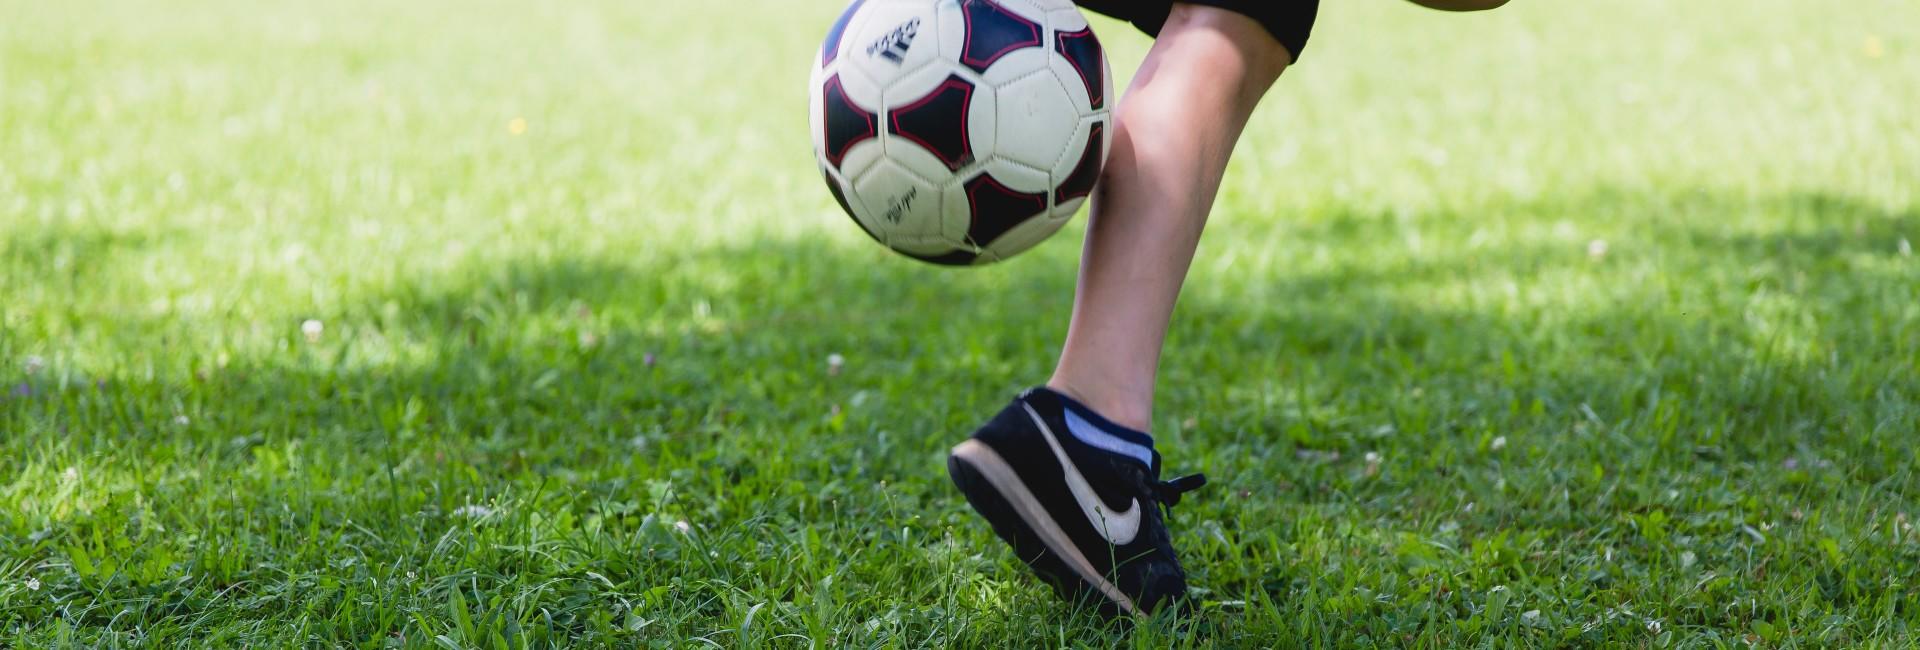 Voetbalschool voor kinderen van 4 tot 12 jaar